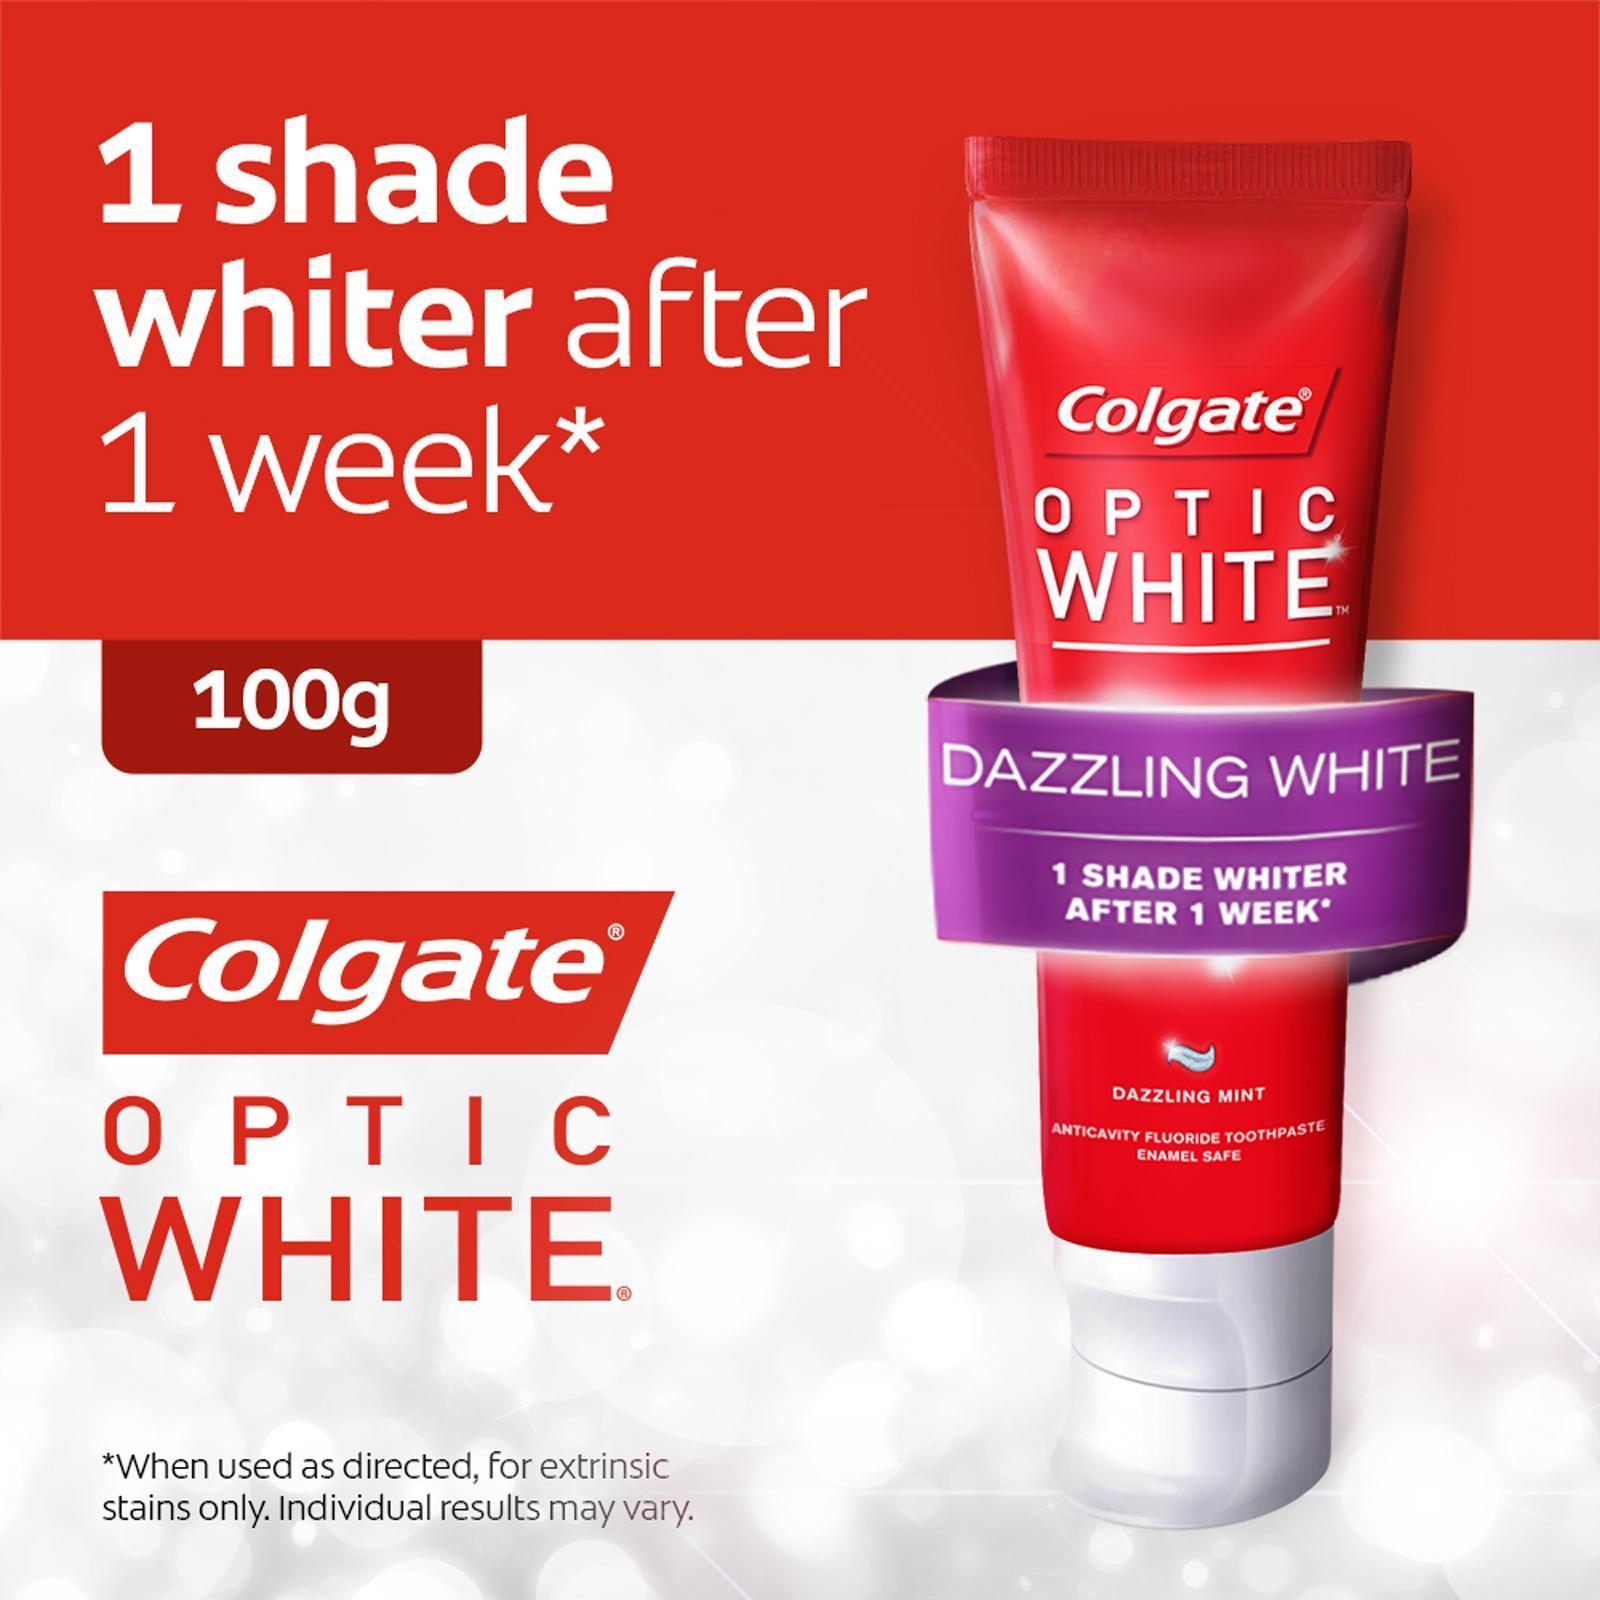 Colgate Optic White Whitening Dazzling White Toothpaste